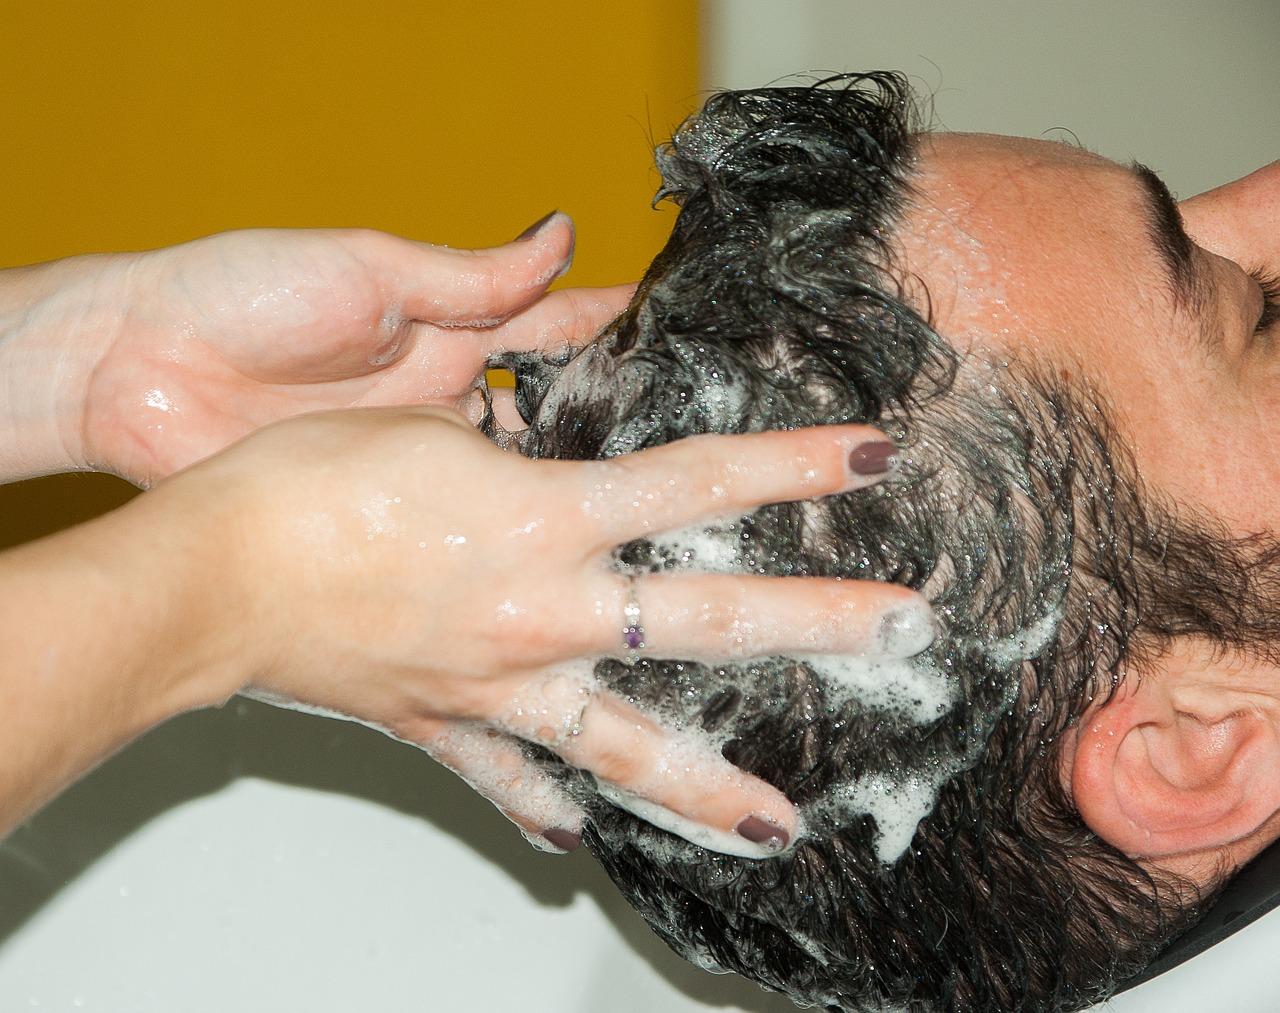 fejbőr pikkelysömör a haj kezelésében vörös foltok az arcon a nyakfotón